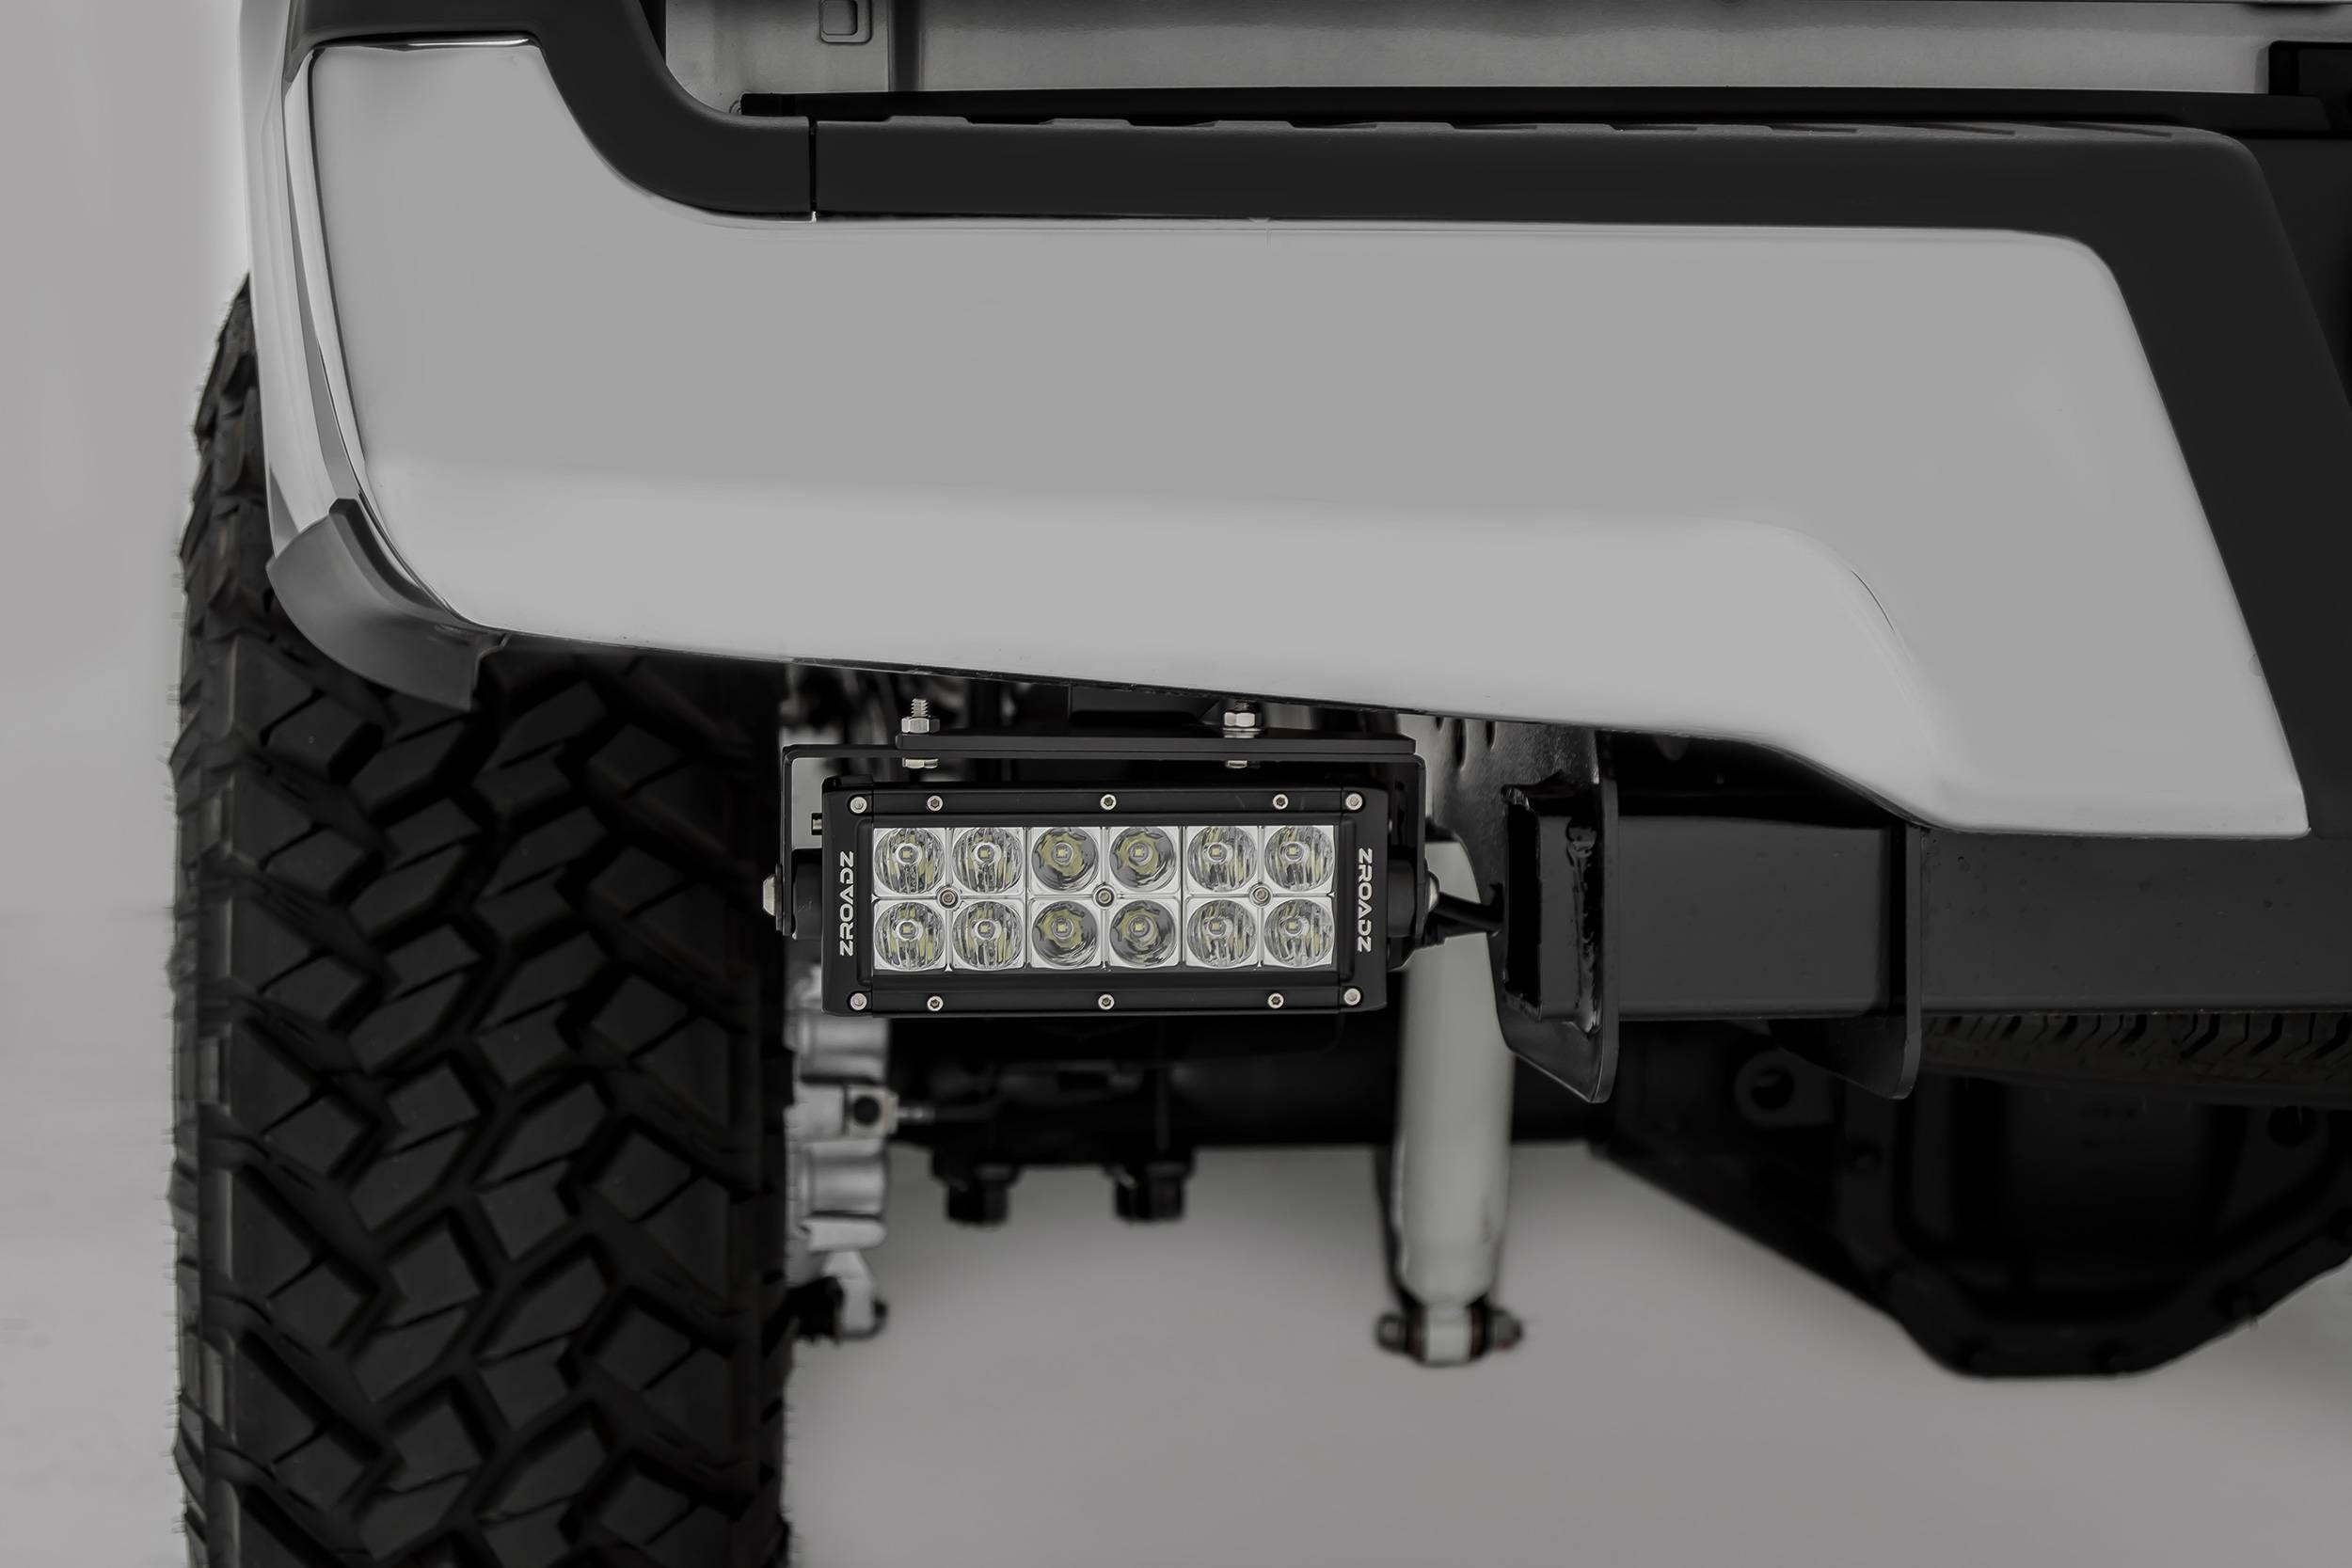 ZROADZ                                             - 2017-2019 Ford Super Duty Rear Bumper LED Bracket to mount (2) 6 Inch Straight Light Bar - PN #Z385471